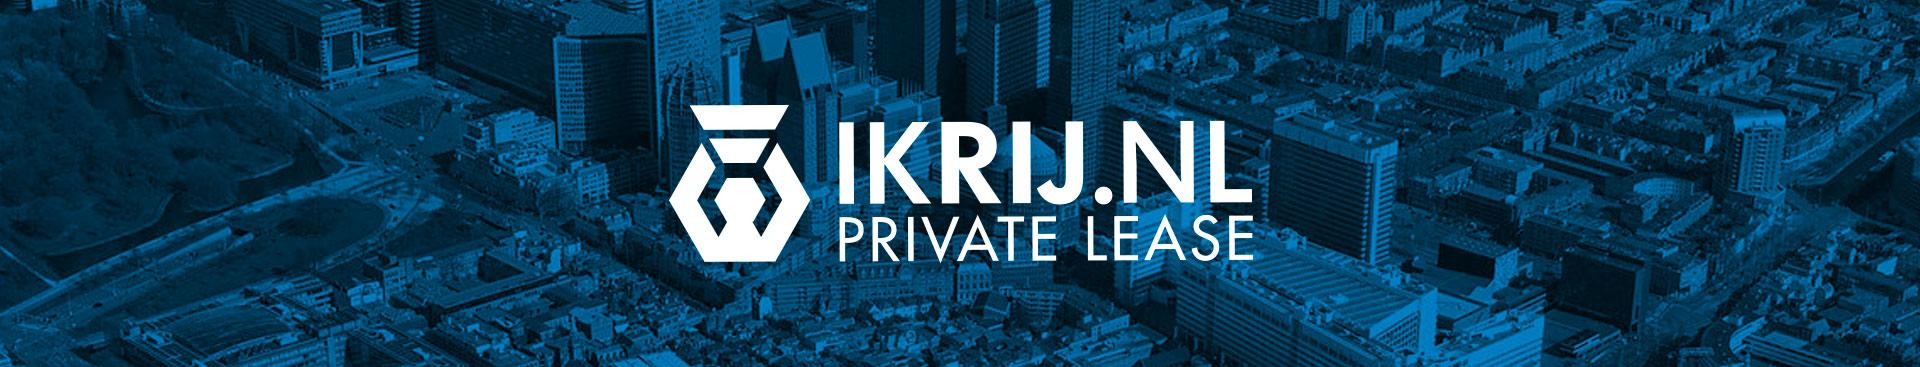 De beste private lease in Leiden komt van IKRIJ.NL